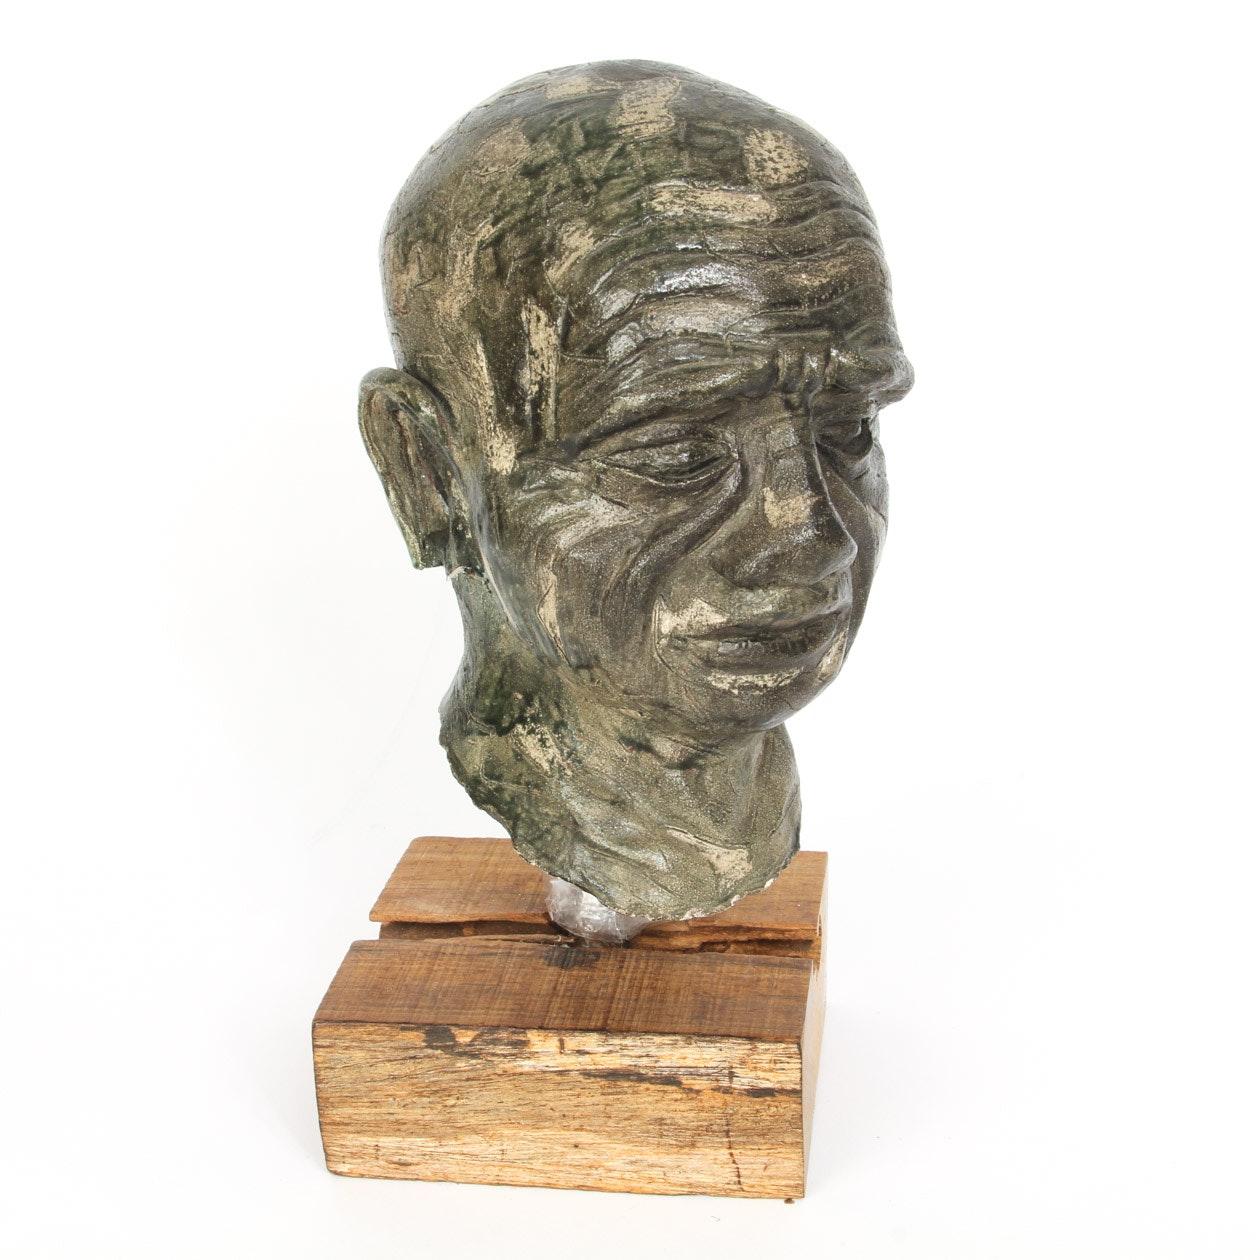 Vintage Ceramic Bust Sculpture